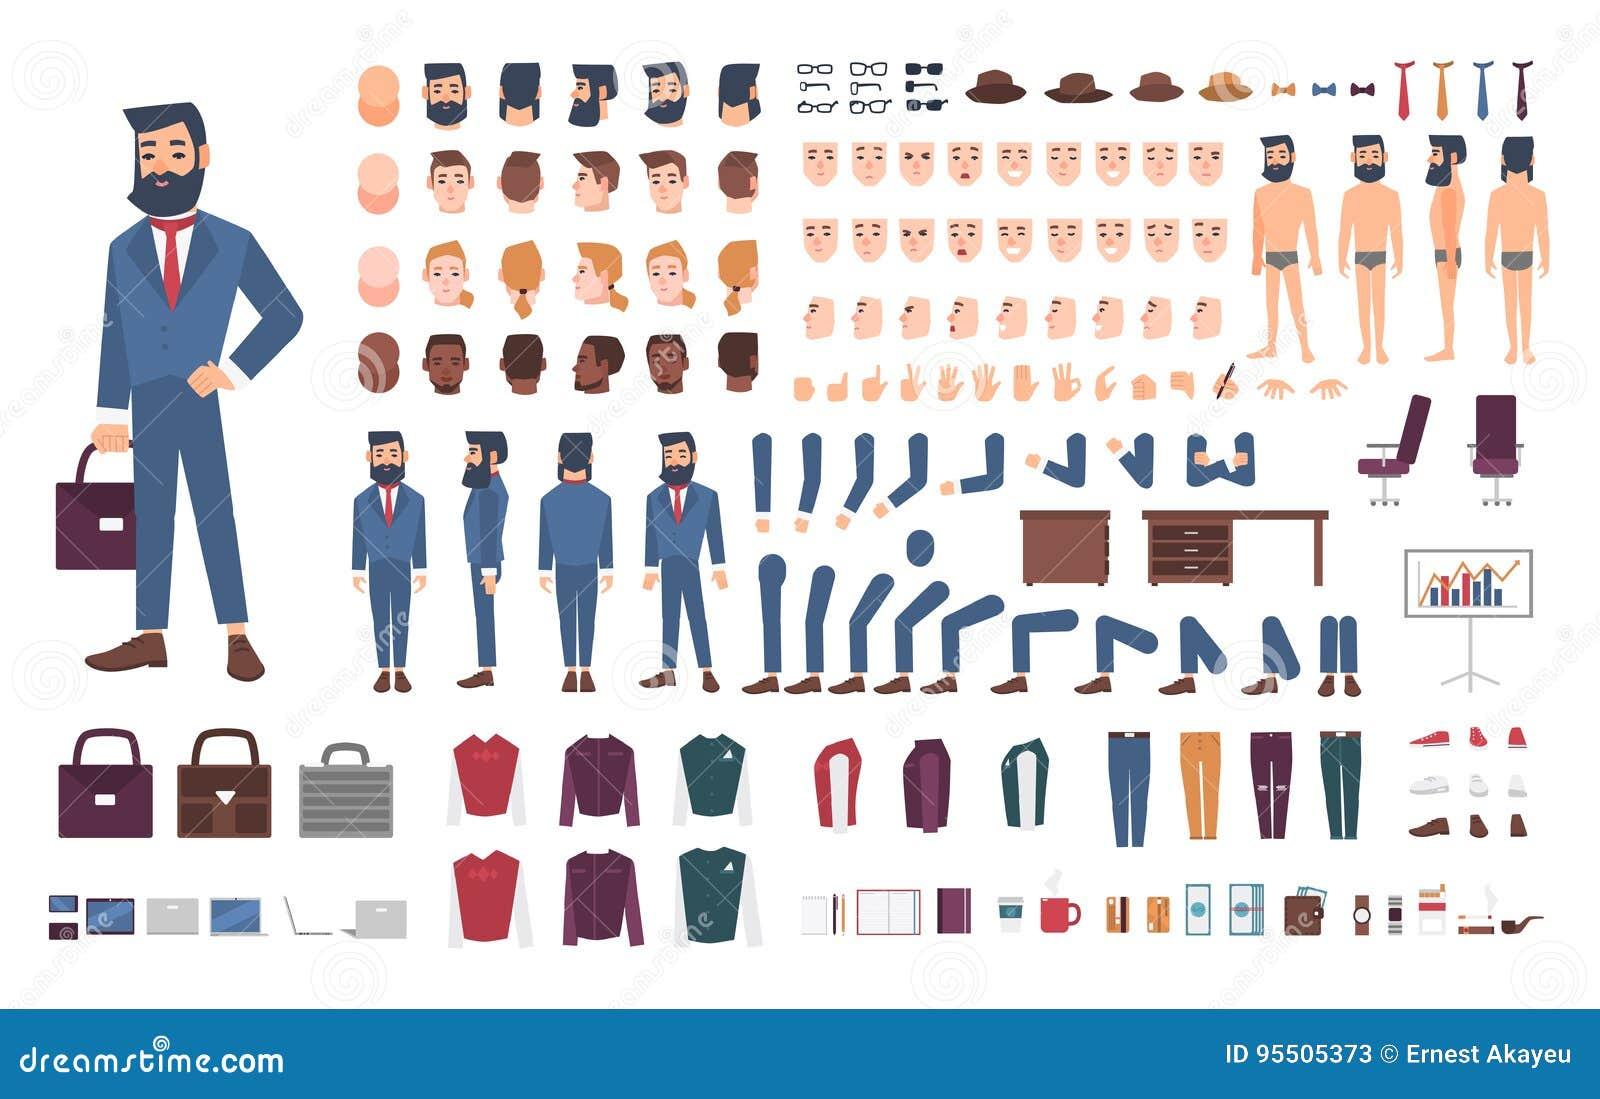 Κατασκευαστής χαρακτήρα επιχειρηματιών Αρσενικό σύνολο δημιουργιών υπαλλήλων Διαφορετικές στάσεις, hairstyle, πρόσωπο, πόδια, χέρ